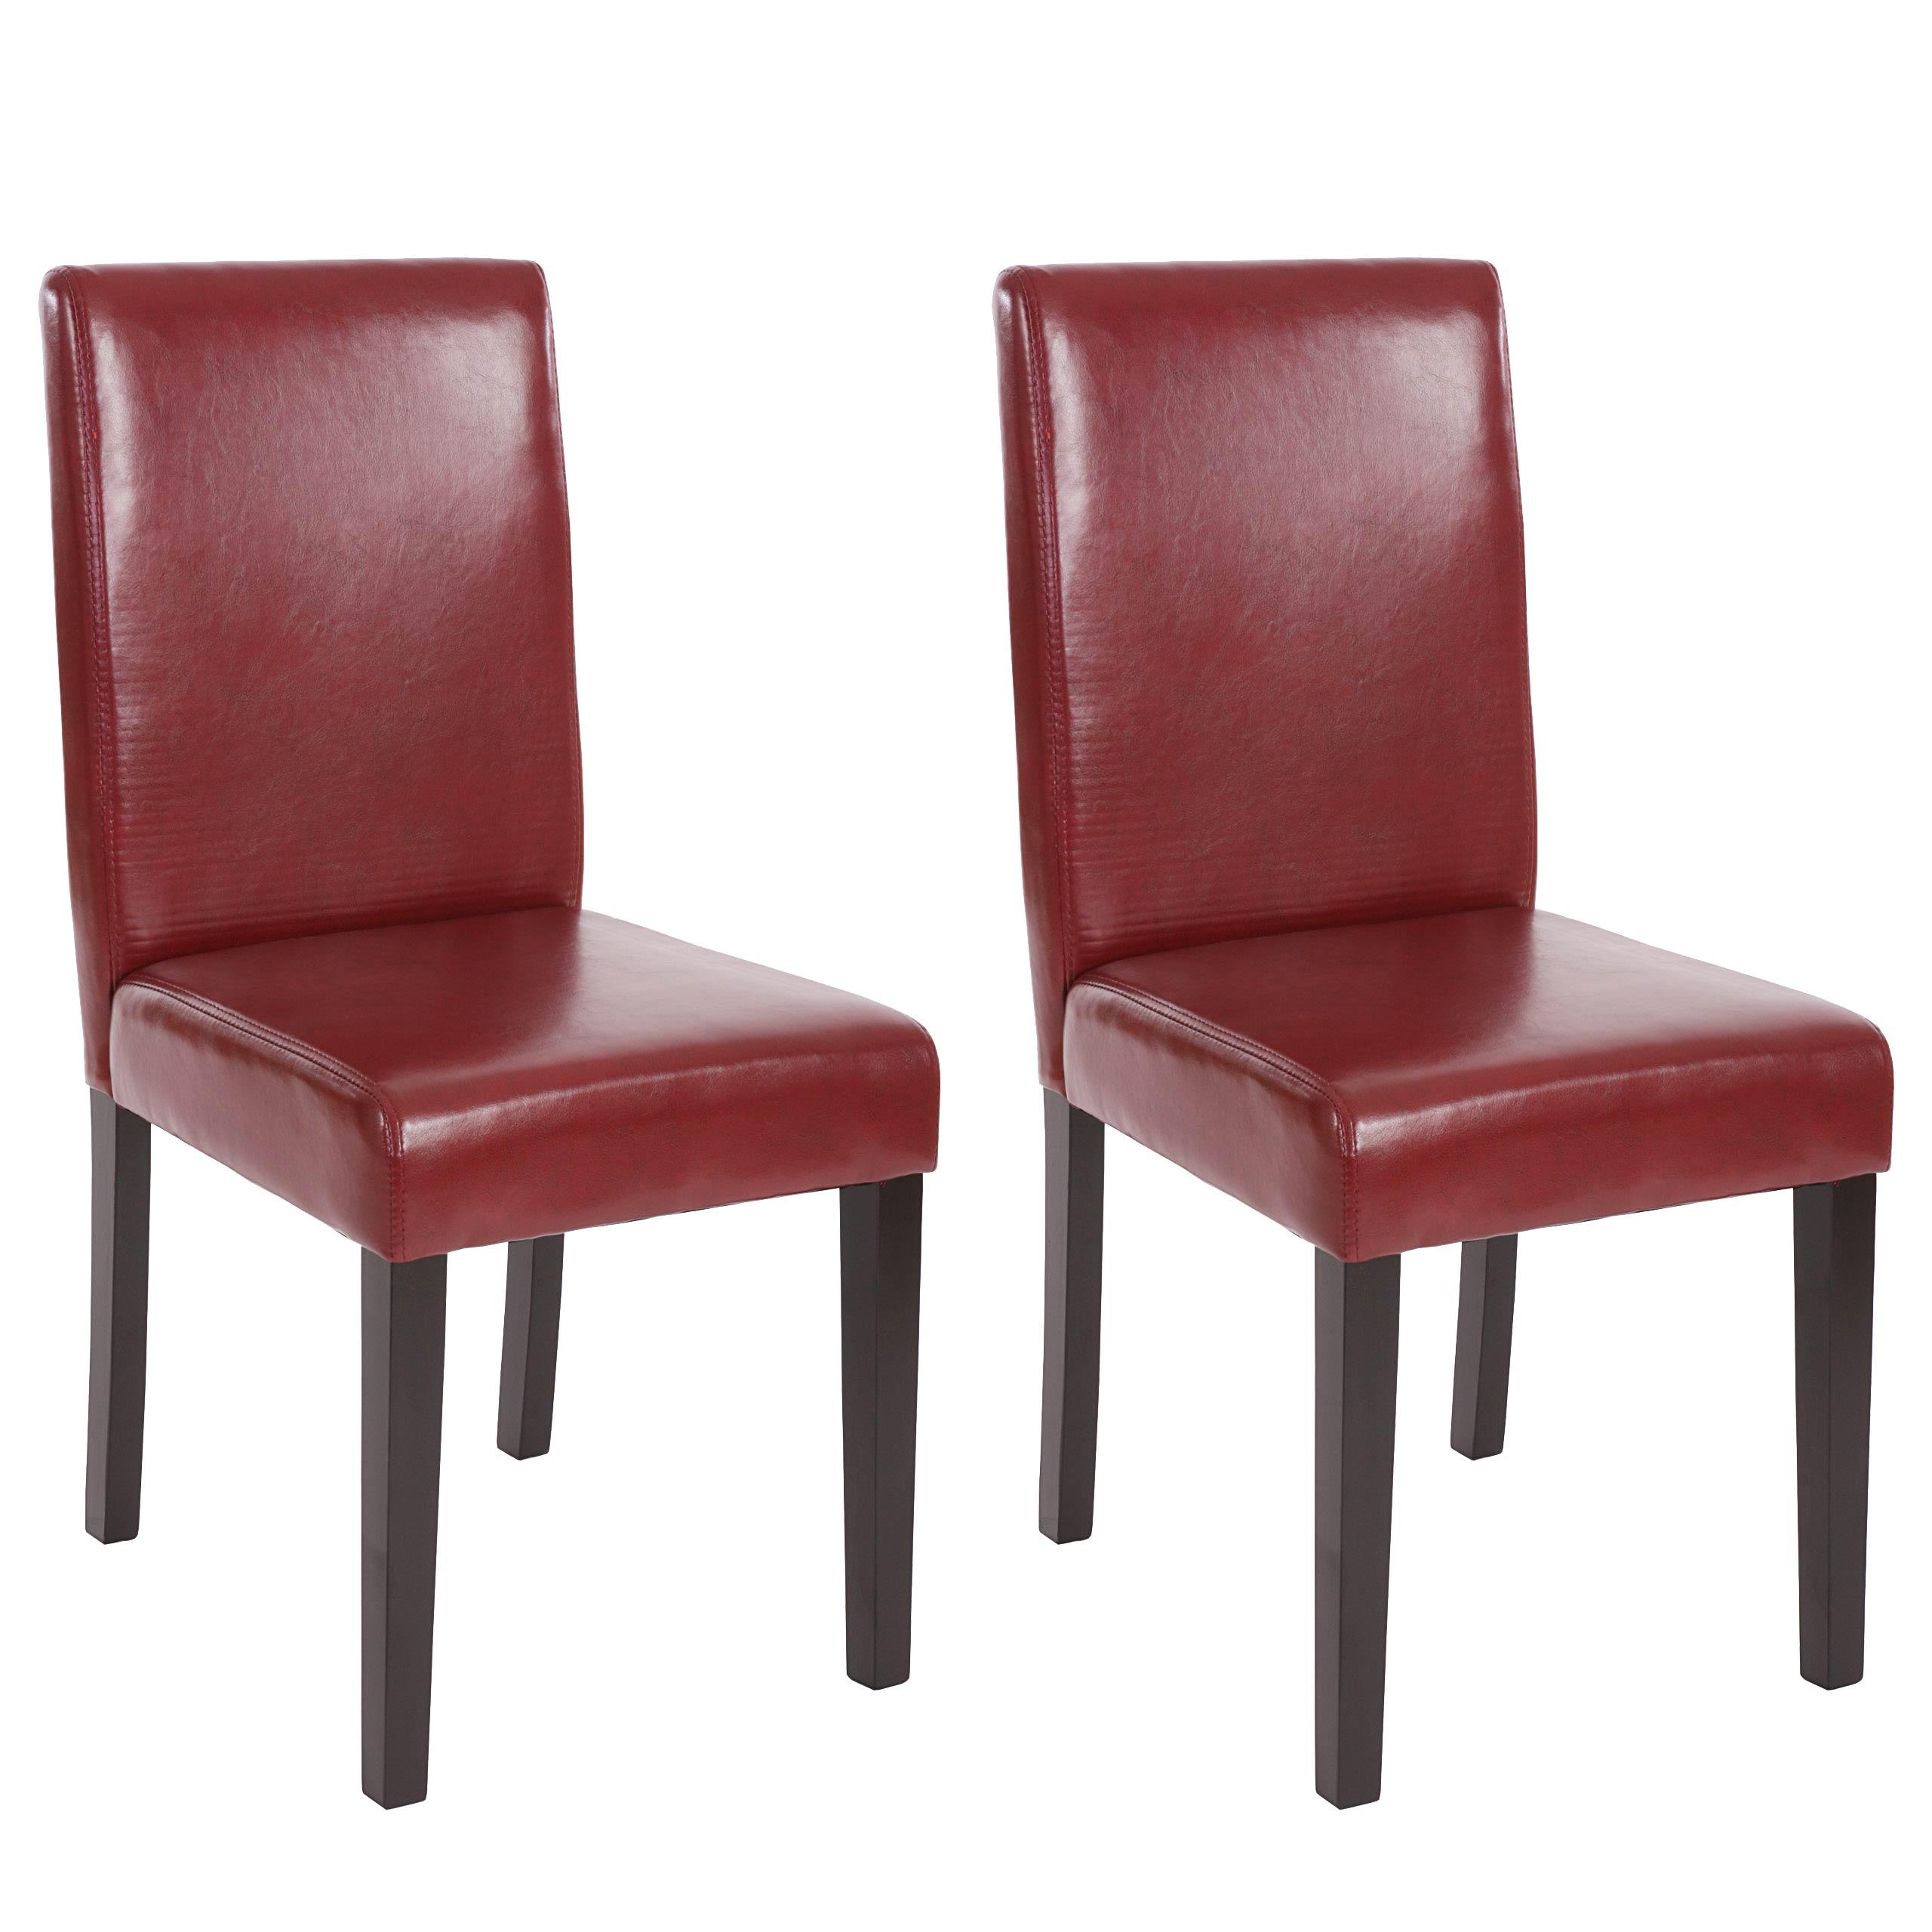 6x esszimmerstuhl stuhl lehnstuhl littau kunstleder rot braun dunkle beine. Black Bedroom Furniture Sets. Home Design Ideas